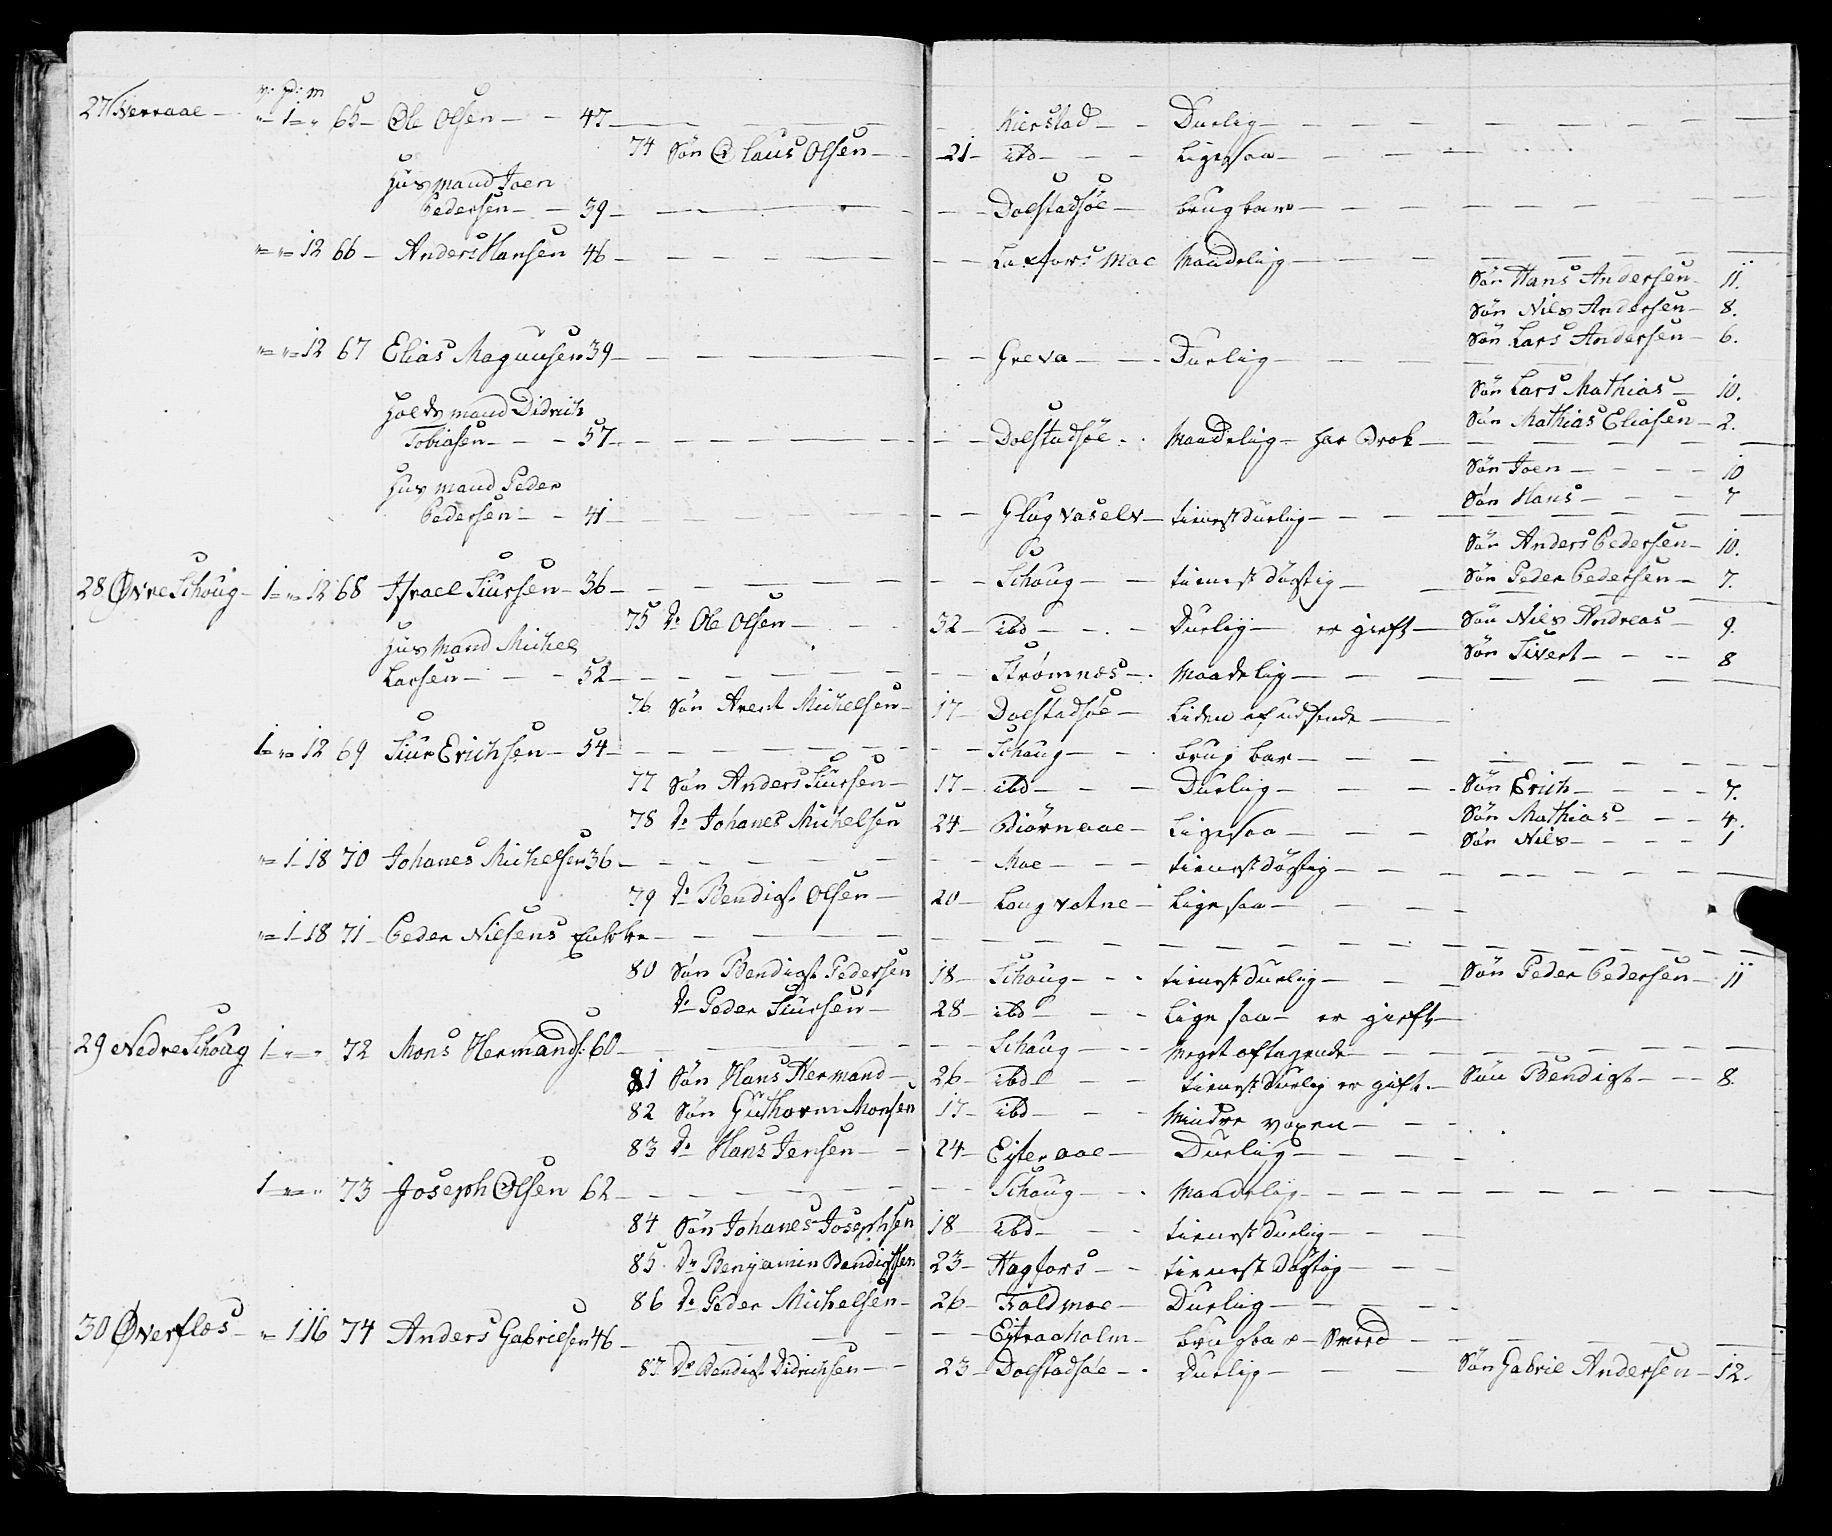 SAT, Fylkesmannen i Nordland, R/RA/L0009: Innrulleringsmanntall for Vefsn, 1809-1829, s. 357